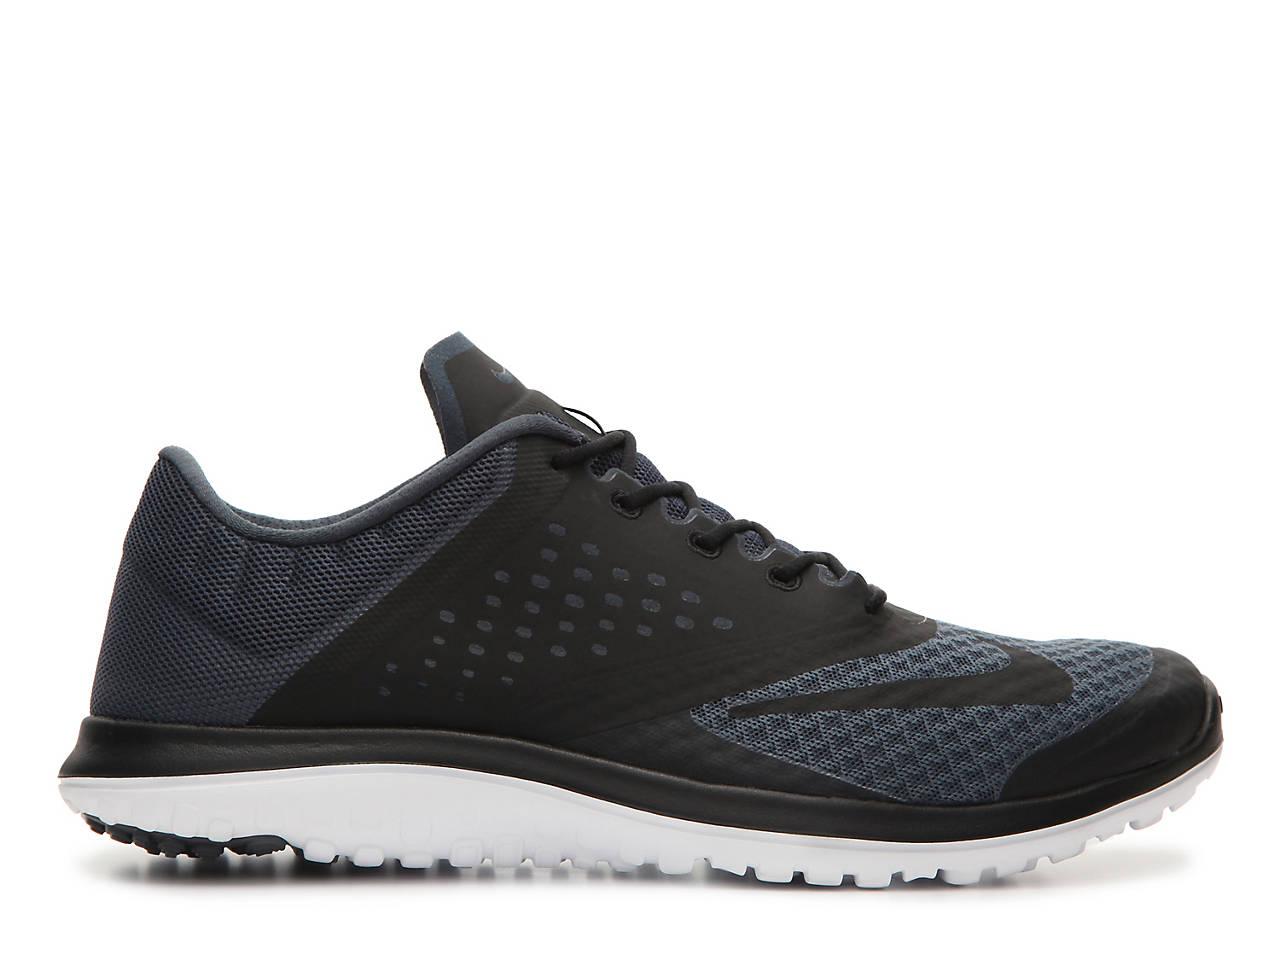 5780a7795b40 Nike FS Lite Run 2 Lightweight Running Shoe - Men s Men s Shoes